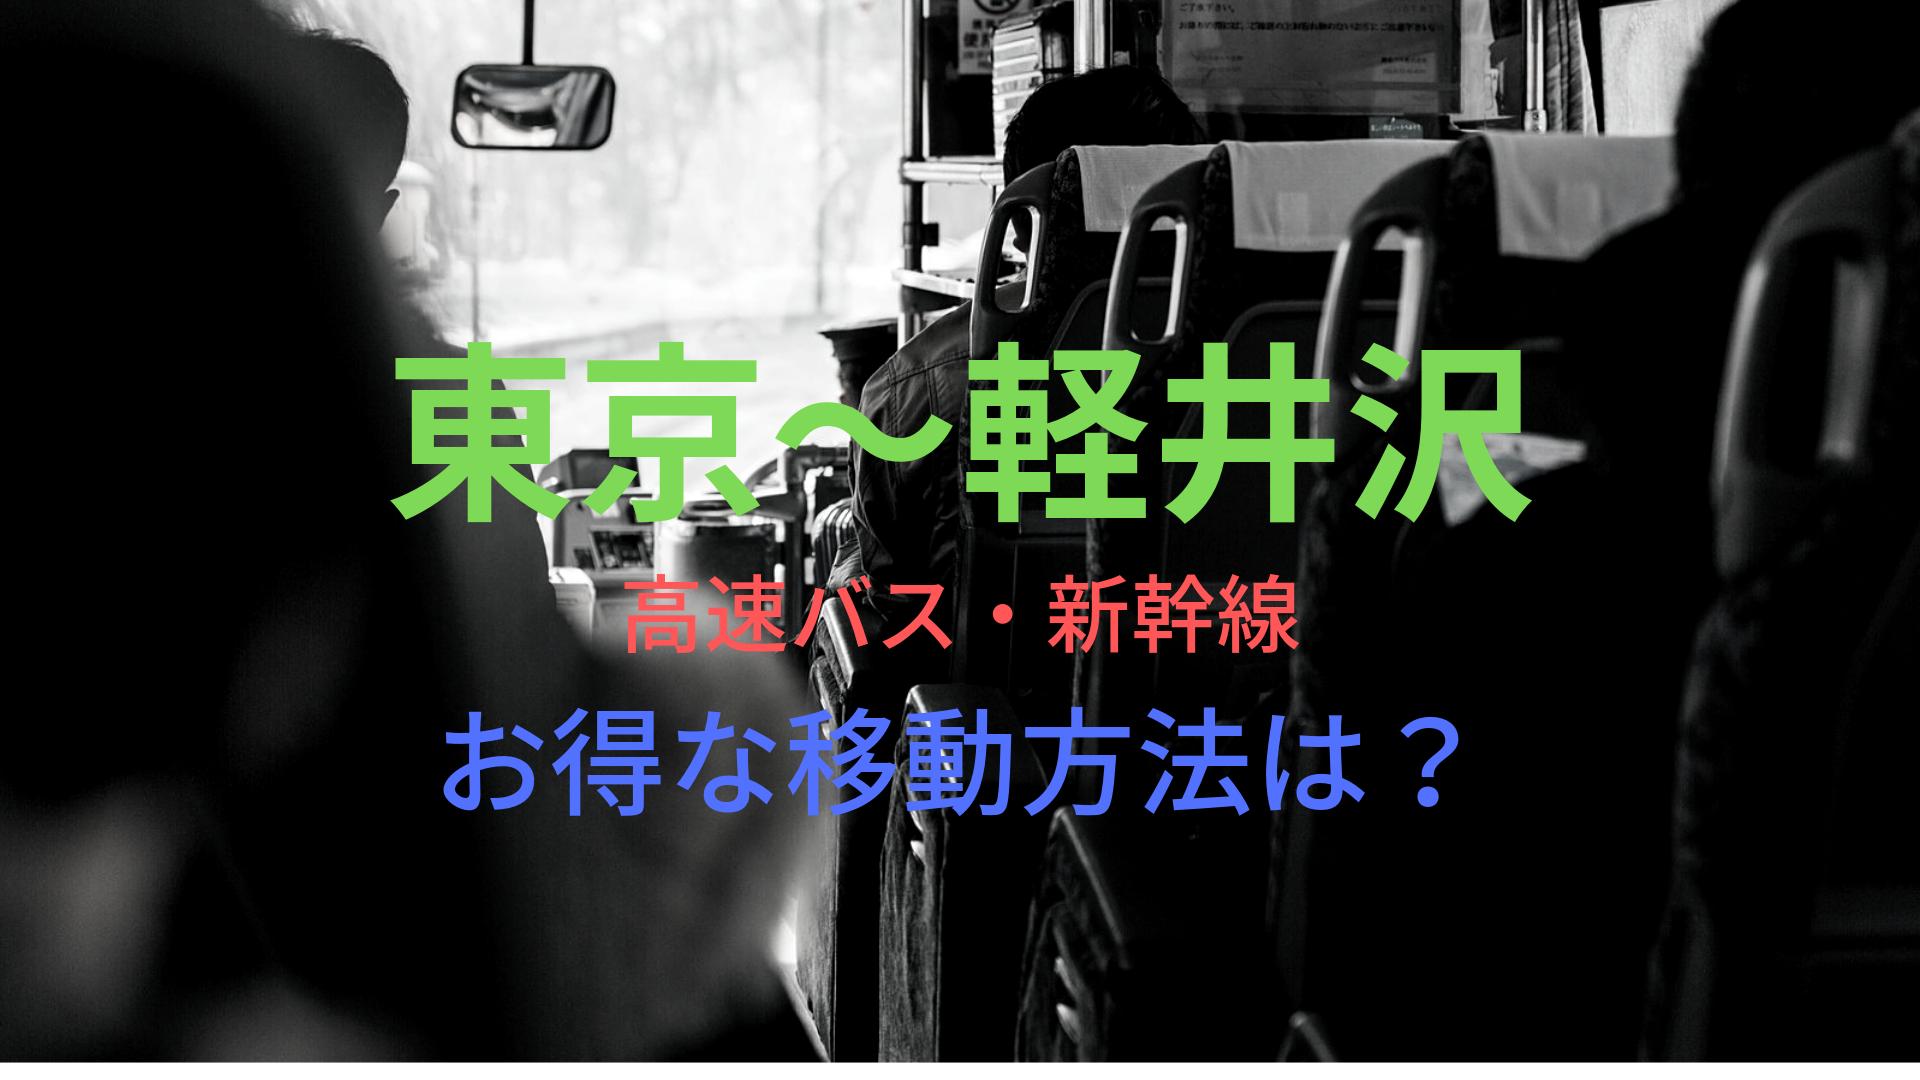 東京 軽井沢 新幹線